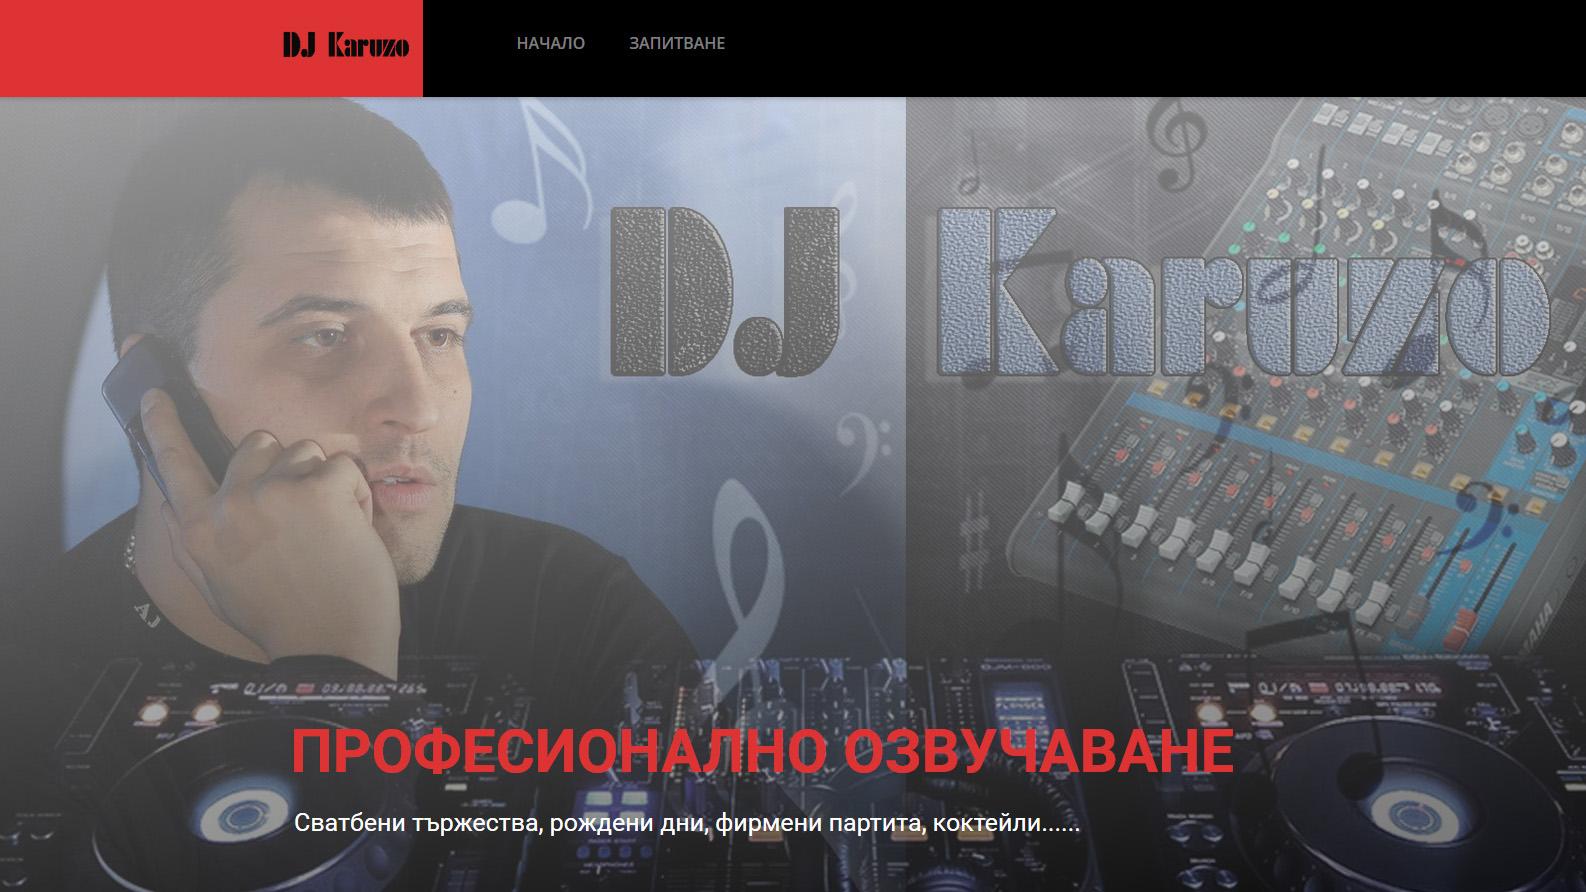 DJ-Karuzo